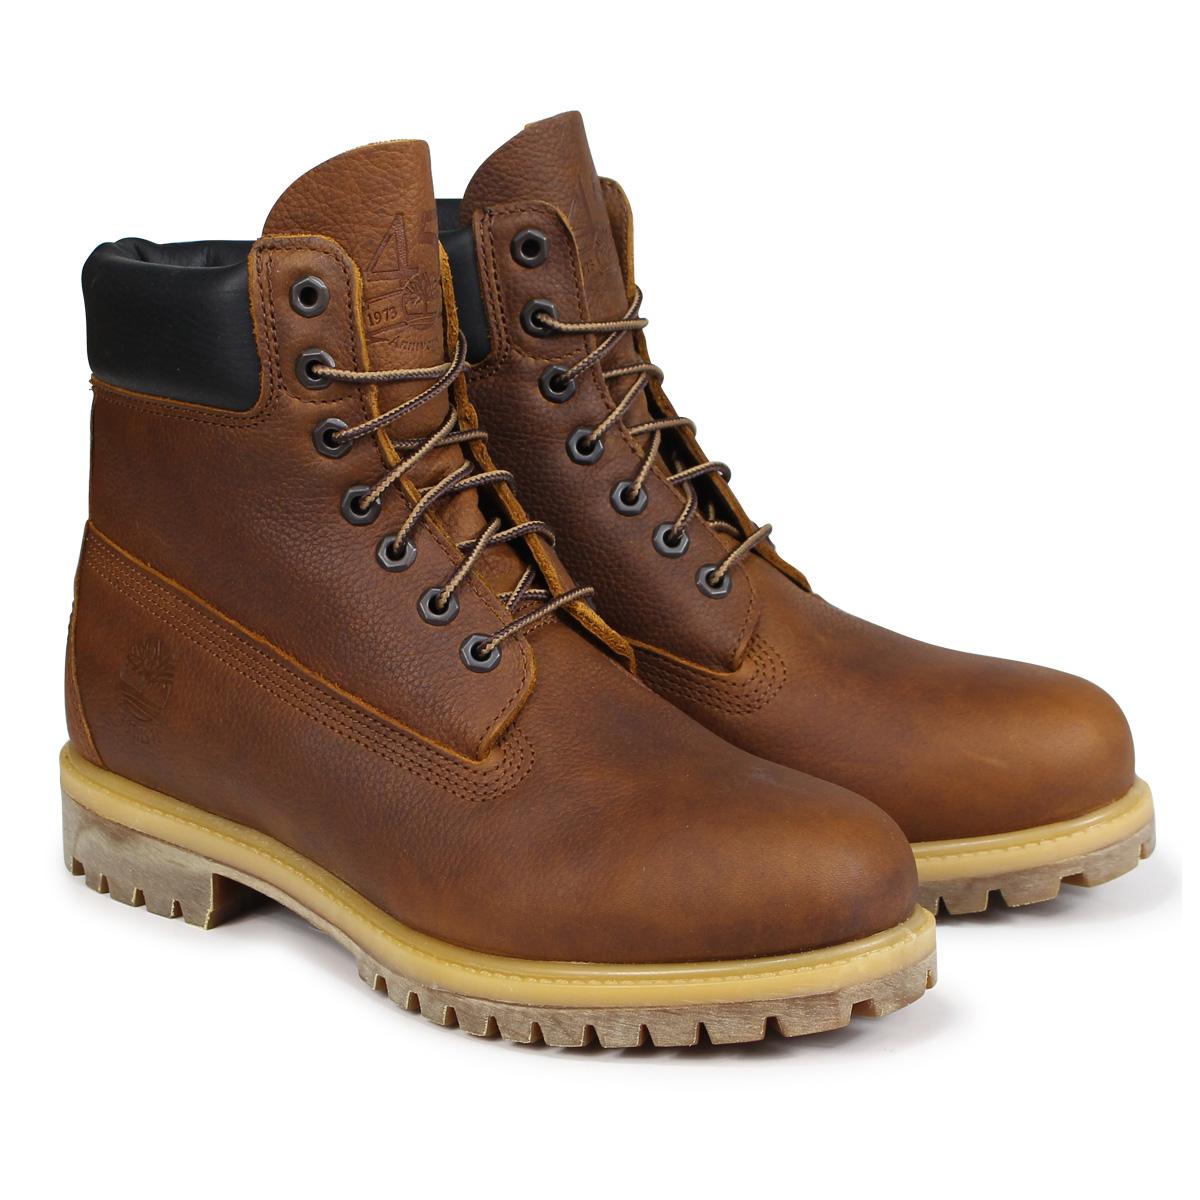 Timberland HERITAGE 6-INCH PREMIUM BOOTS ティンバーランド ブーツ 6インチ メンズ Wワイズ ブラウン A1R18 [3/19 追加入荷]